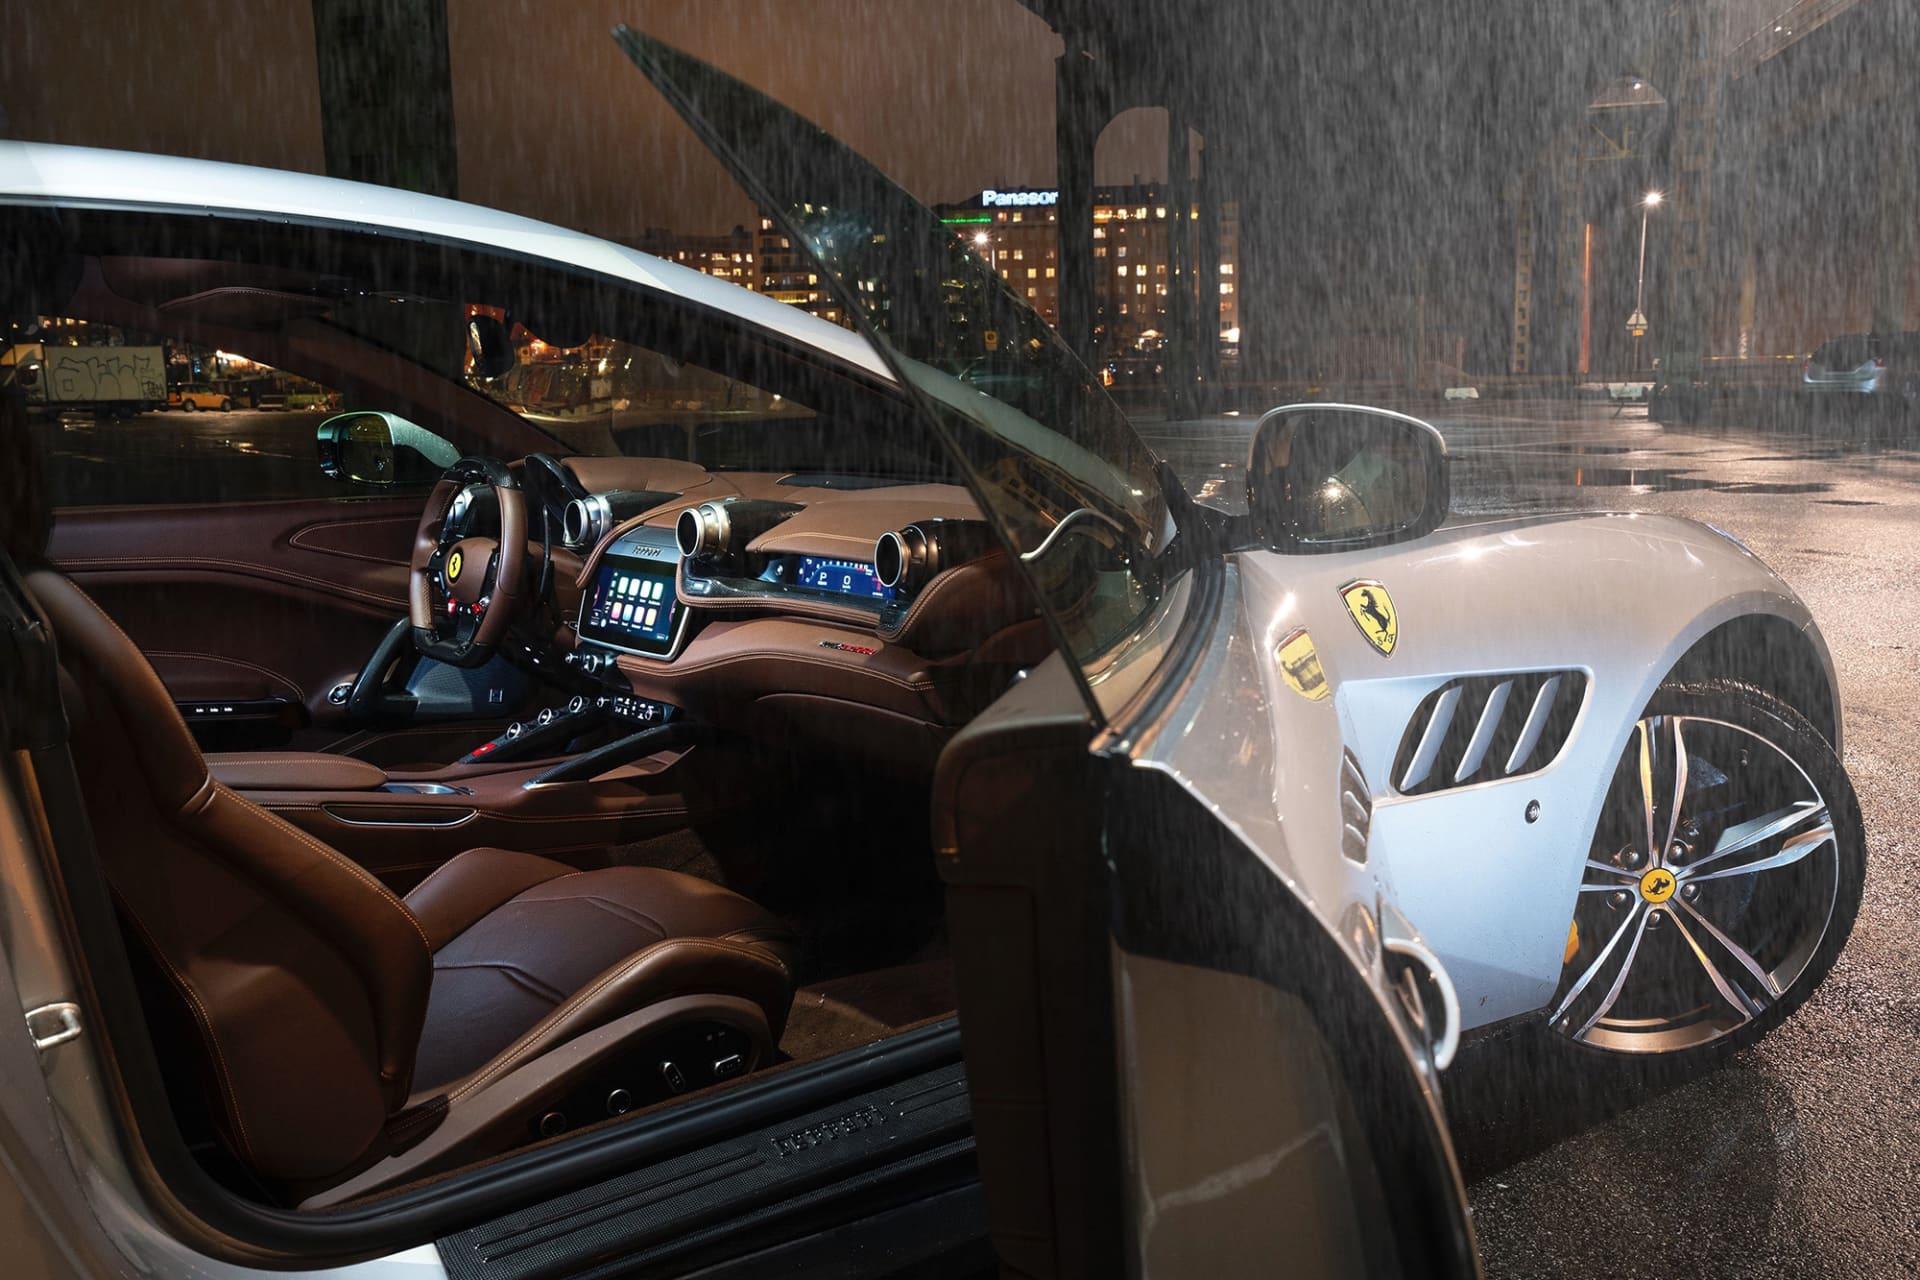 Läder och kolfiber i en härlig kombo, här kan man även se skärmen framför passageraren där man kan få en mängd data och styra en del av bilens infotainmentsystem.